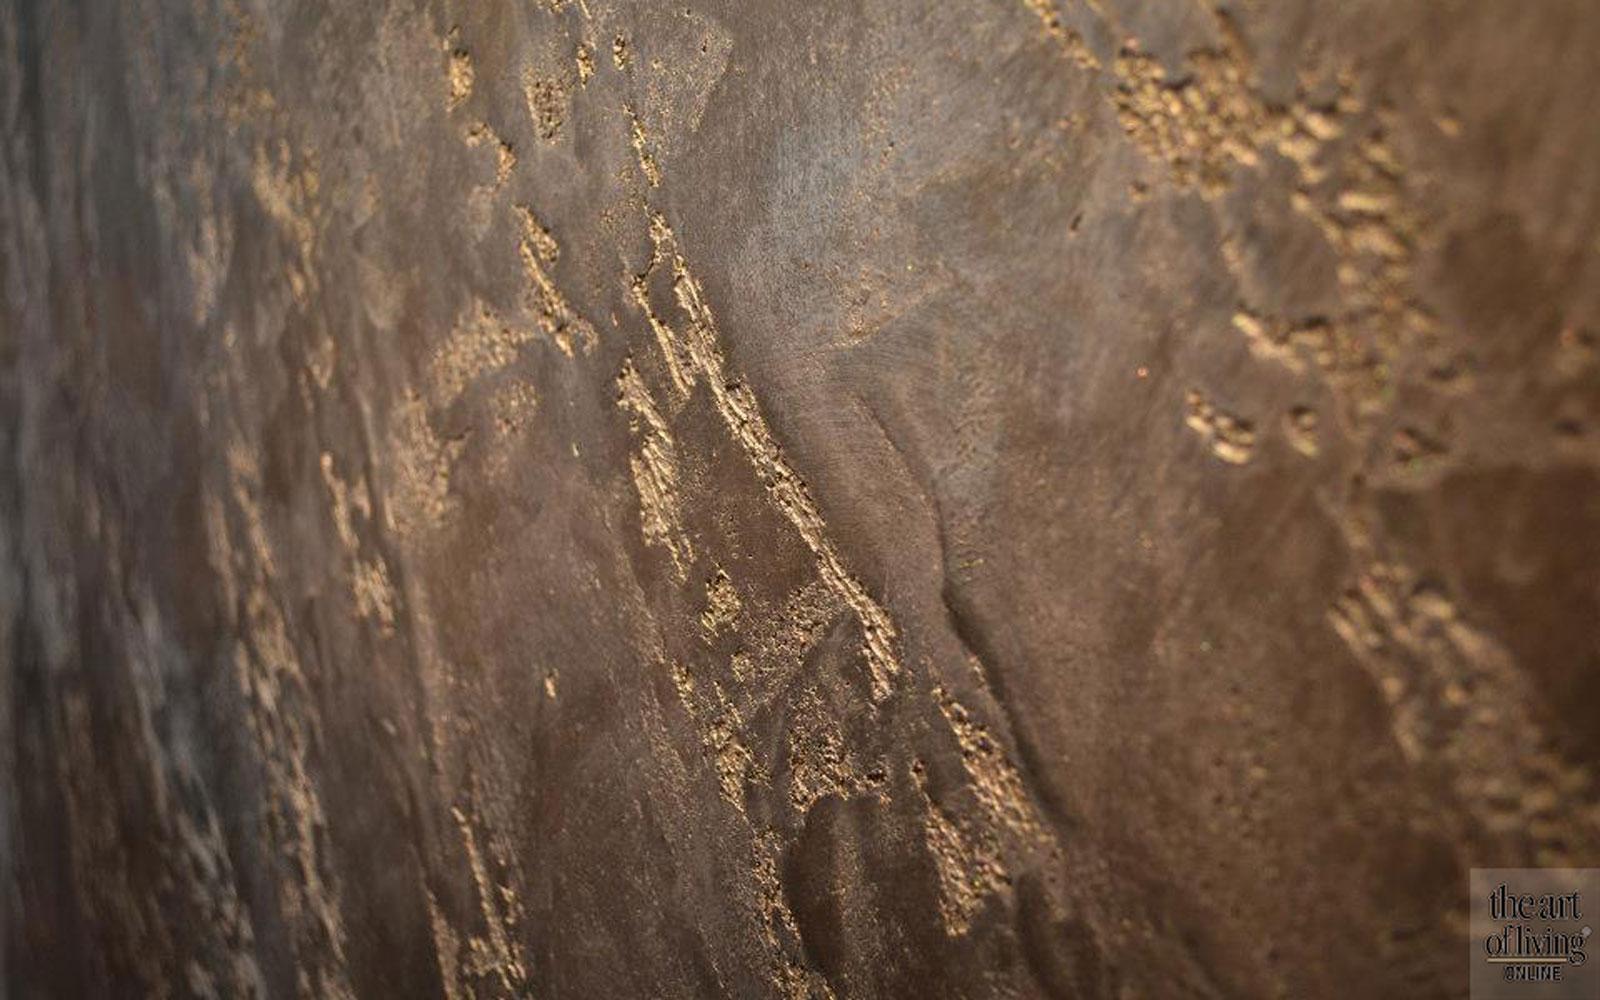 wandbekleding, the art of living, luxe wandbekleding